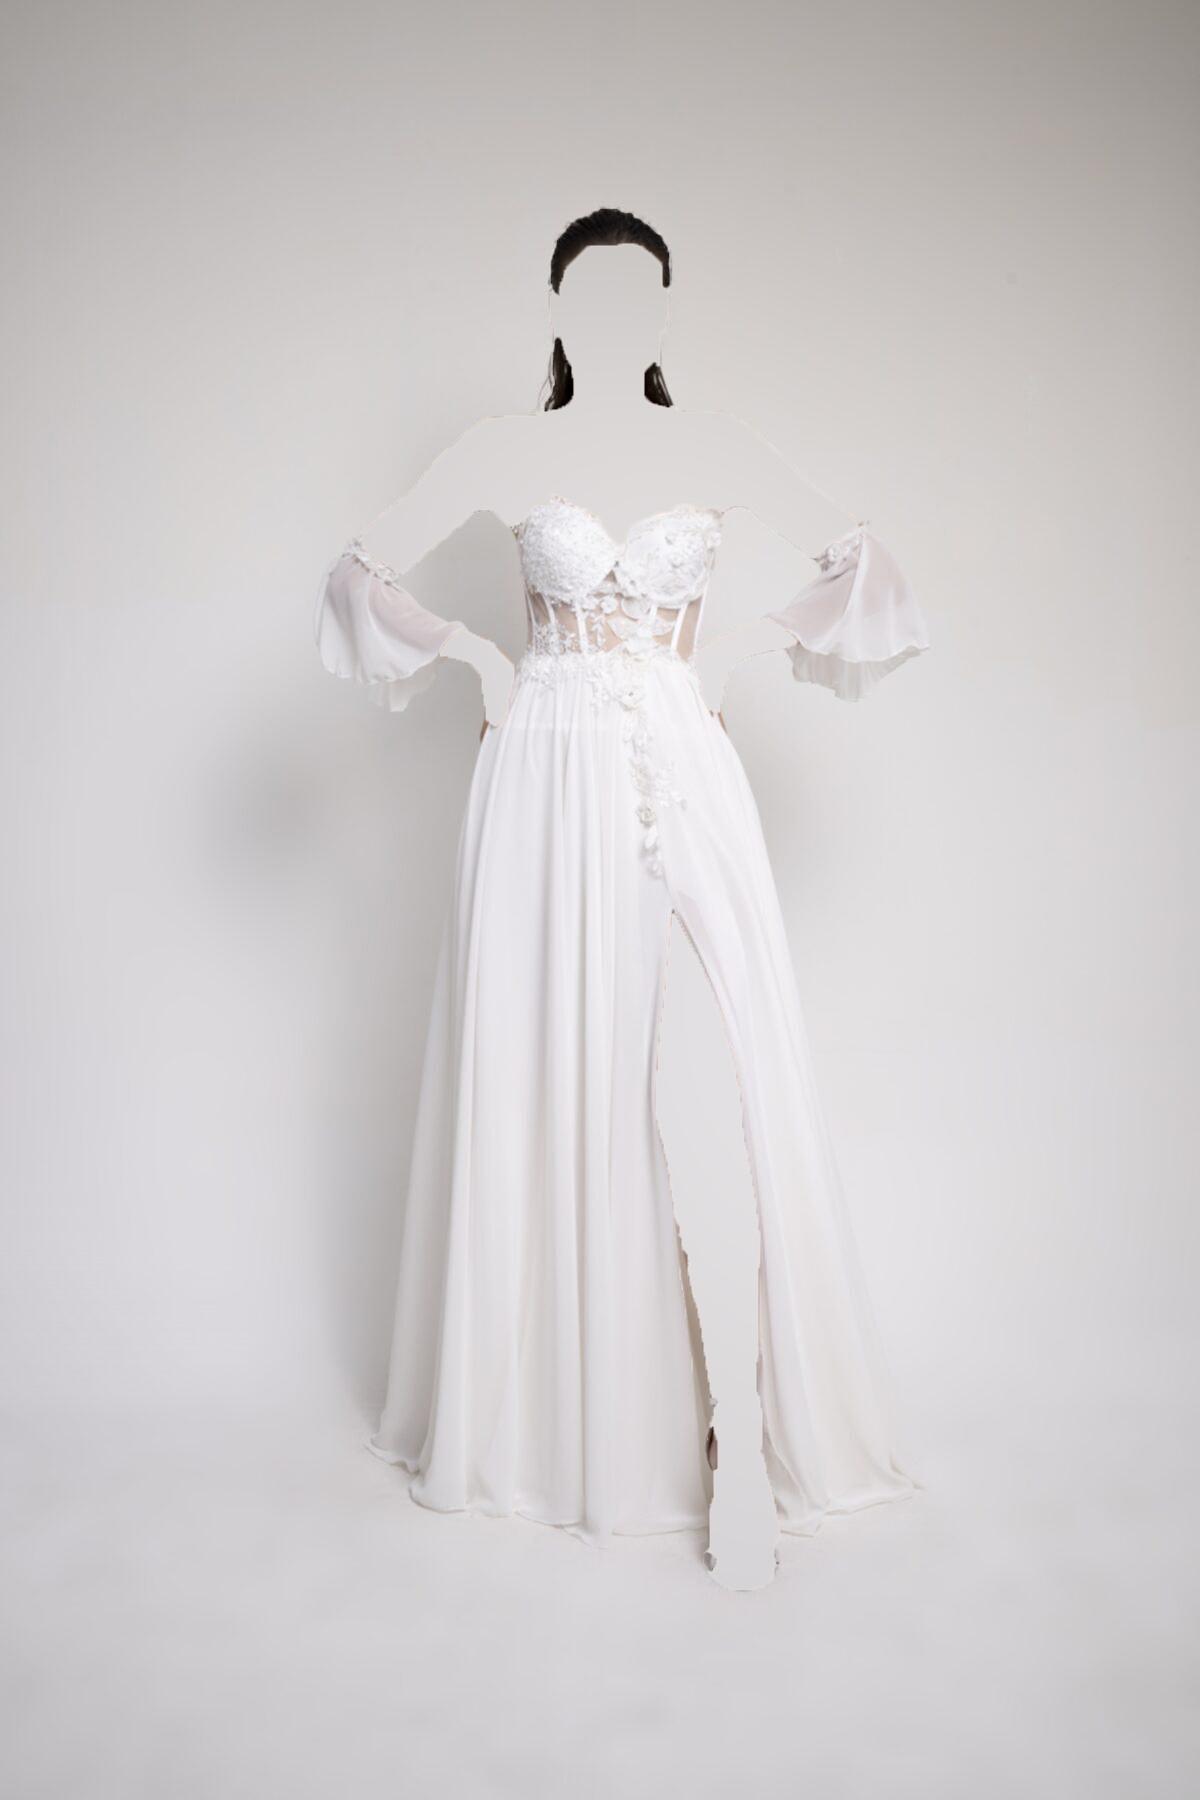 فروش لباس مجلسی زنانه 2020 برند Lenta Moda کد ty121657228